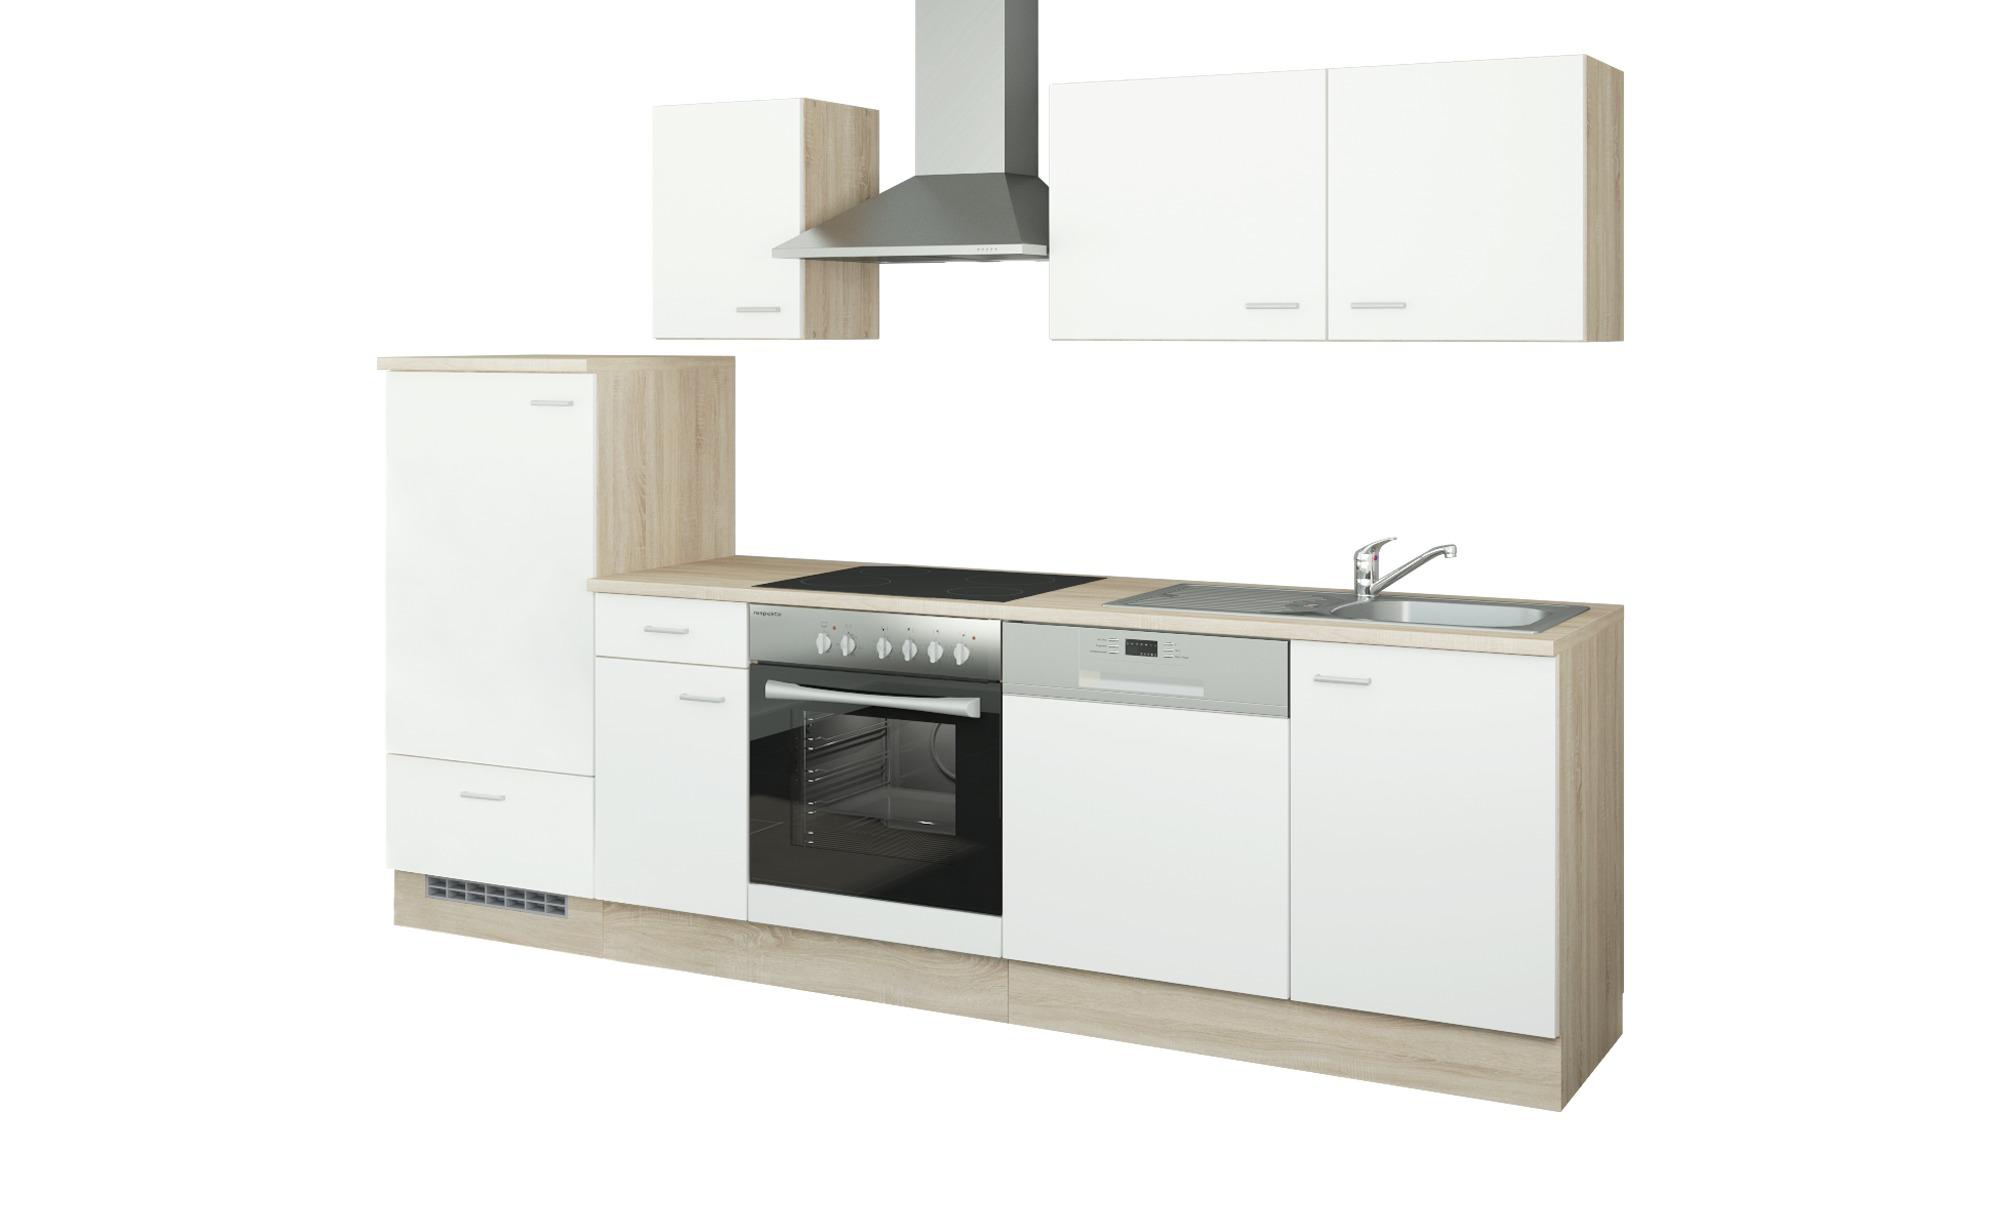 uno Küchenzeile mit Elektrogeräten Berlin, gefunden bei Möbel Höffner